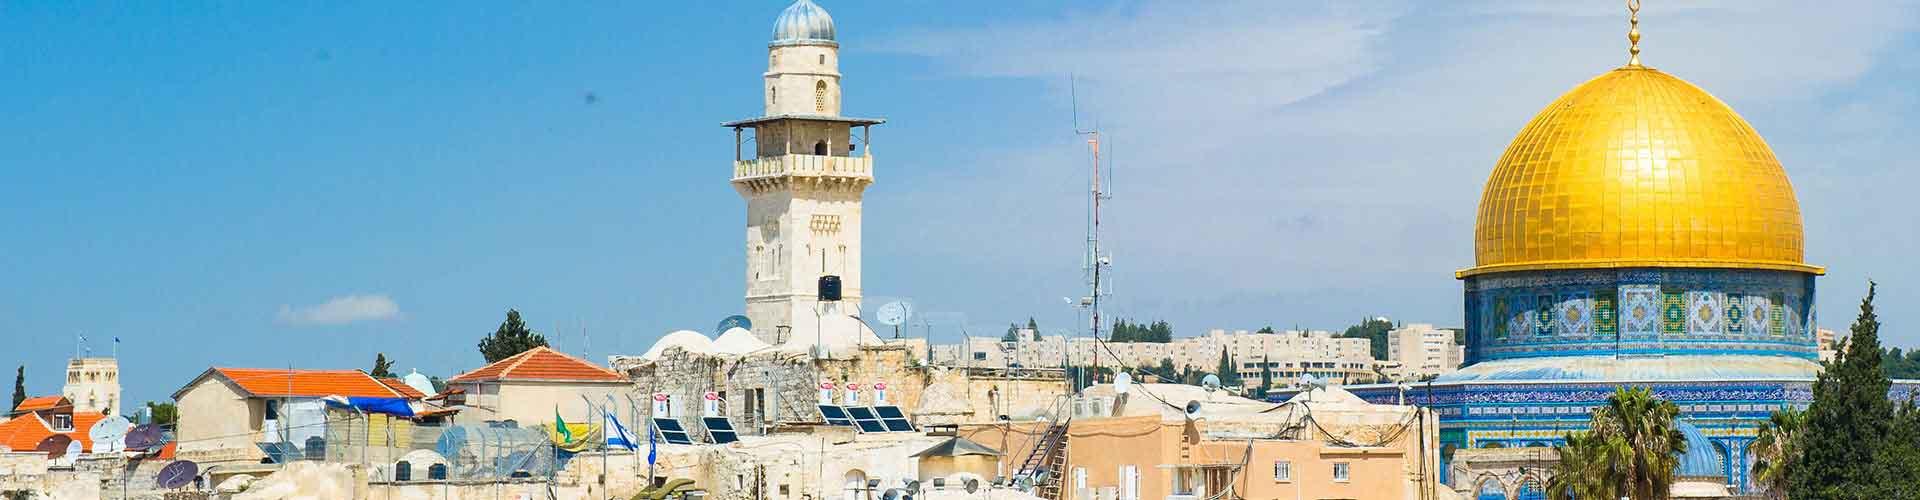 Jerusalén - Hoteles baratos en el distrito Armenian Quarter. Mapas de Jerusalén, Fotos y comentarios de cada Hotel barato en Jerusalén.